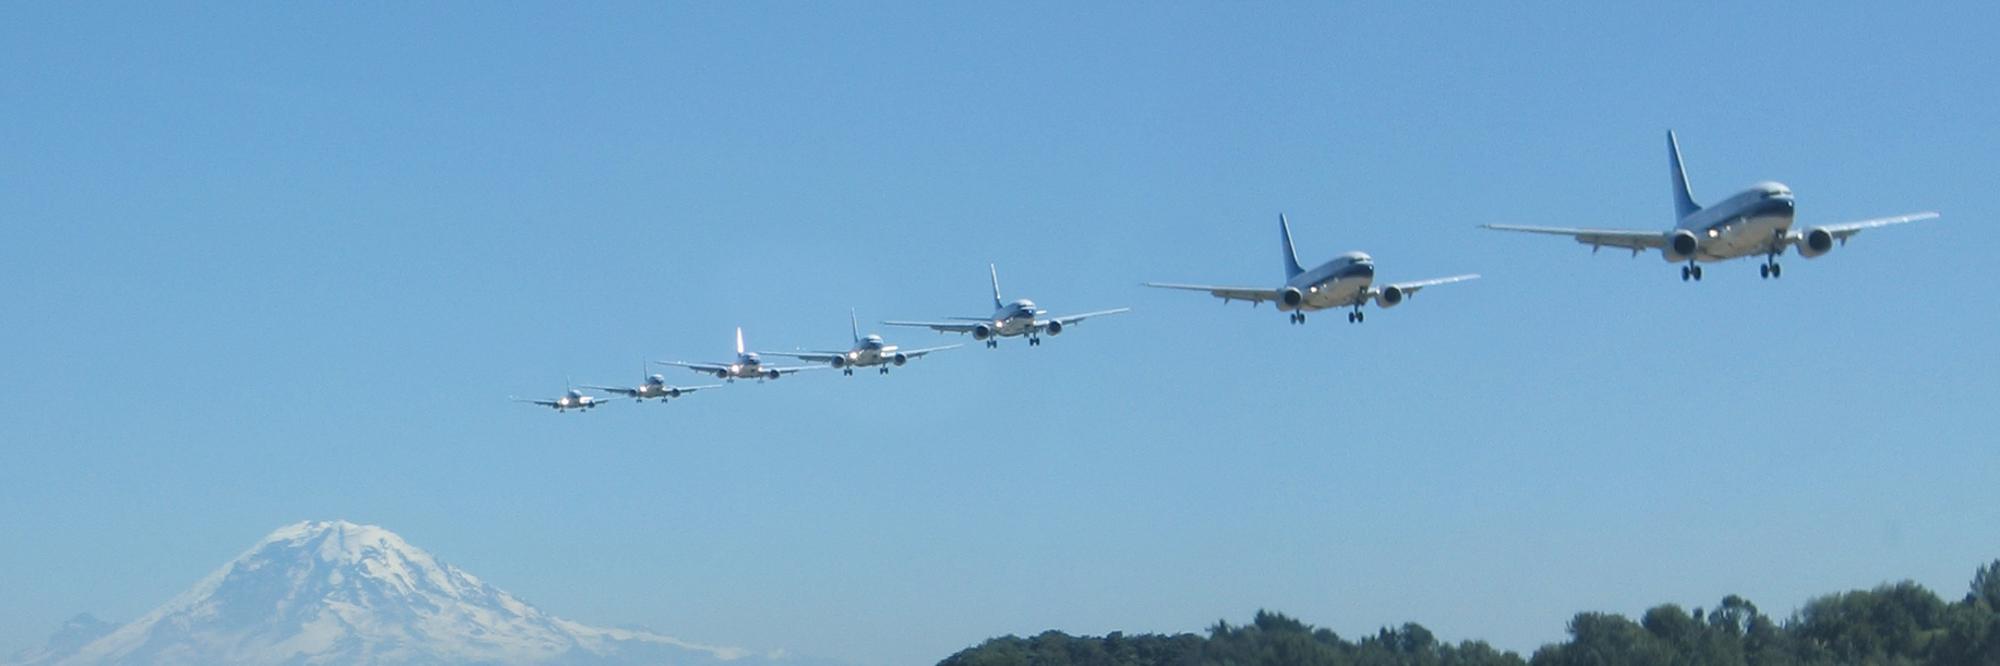 Boeing Field Approach.jpg